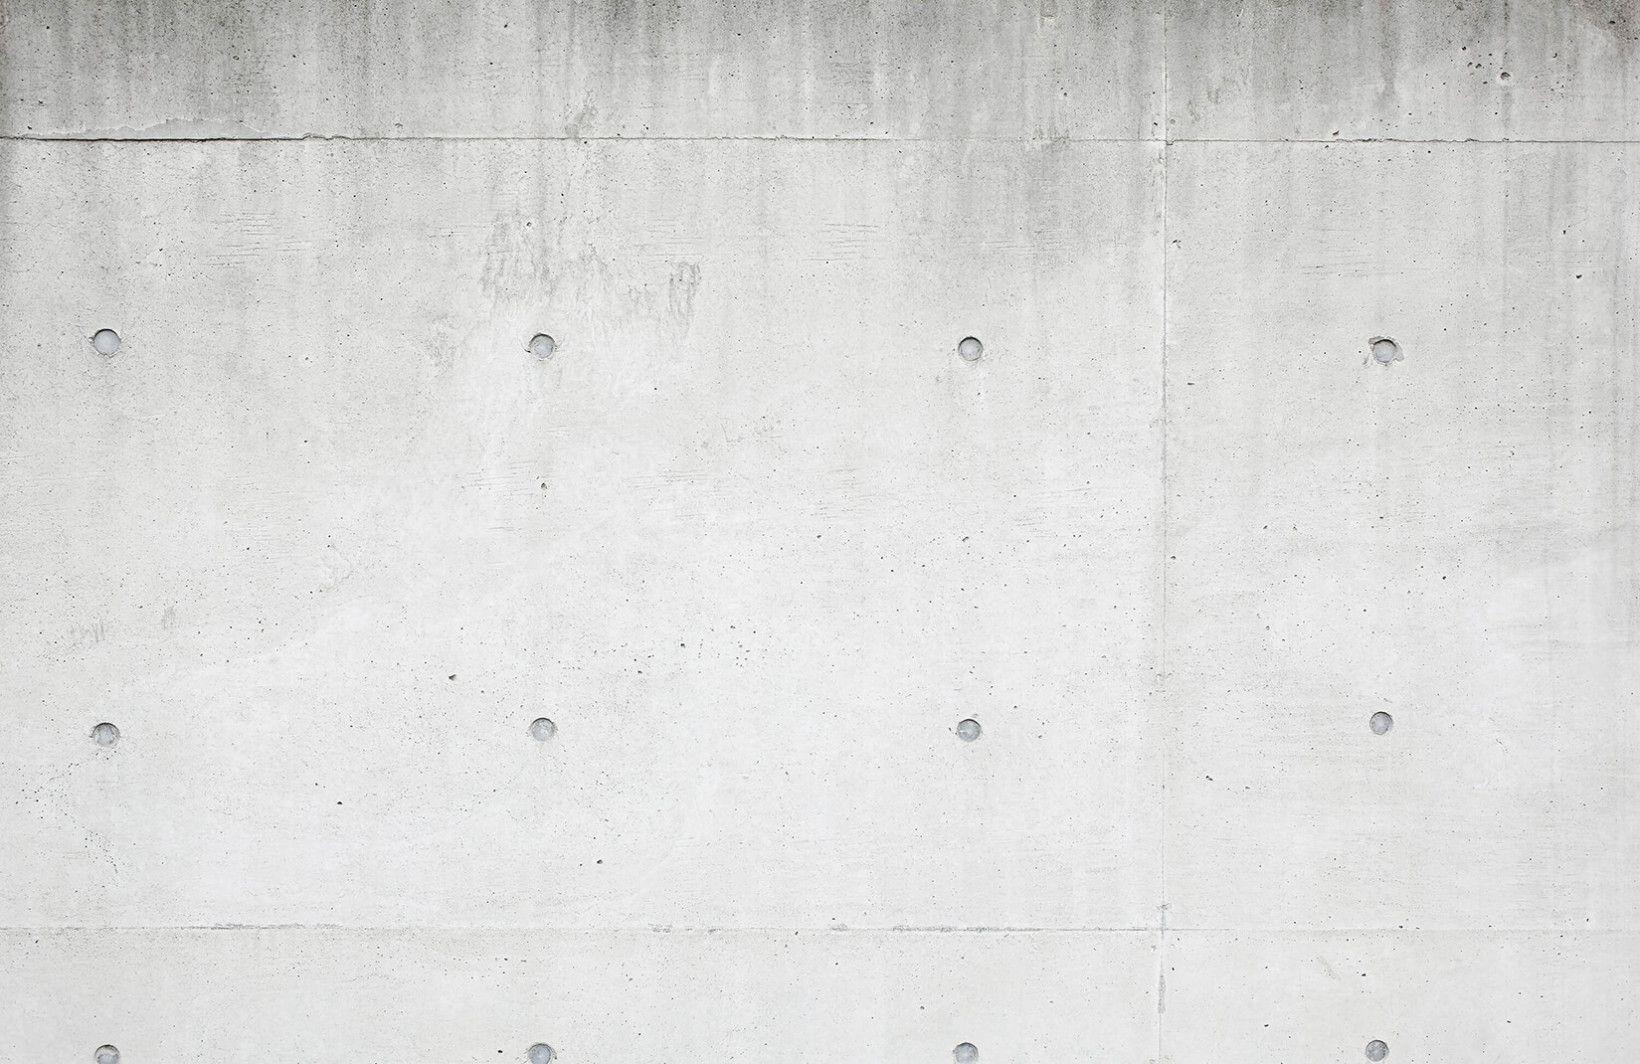 Modern Concrete Block Wallpaper Mural Murals Wallpaper Concrete Wallpaper Concrete Blocks Wall Wallpaper